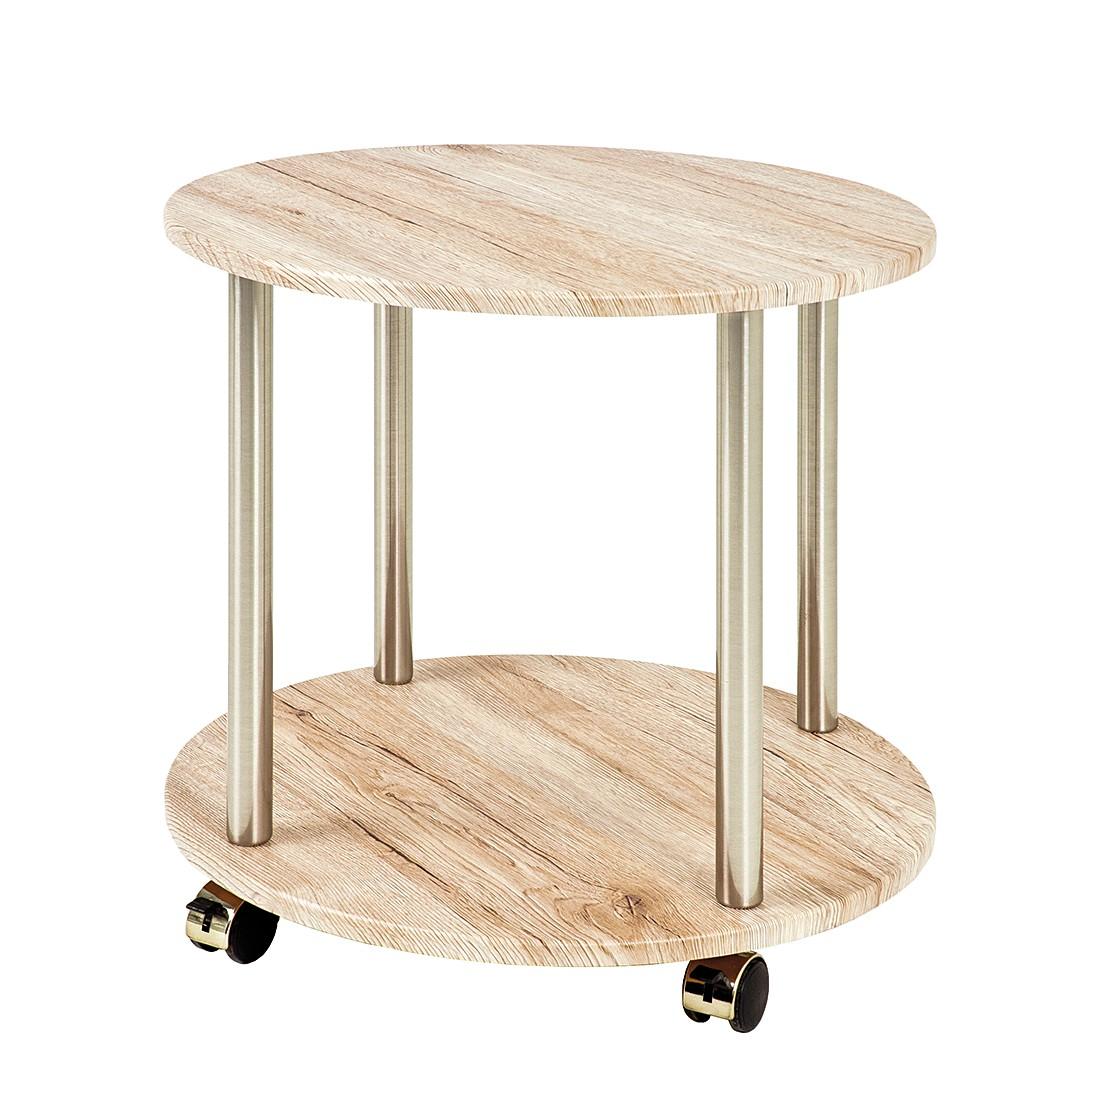 Tavolino con ruote herford iii - acciaio inox/effetto quercia di sanremo, Home Design